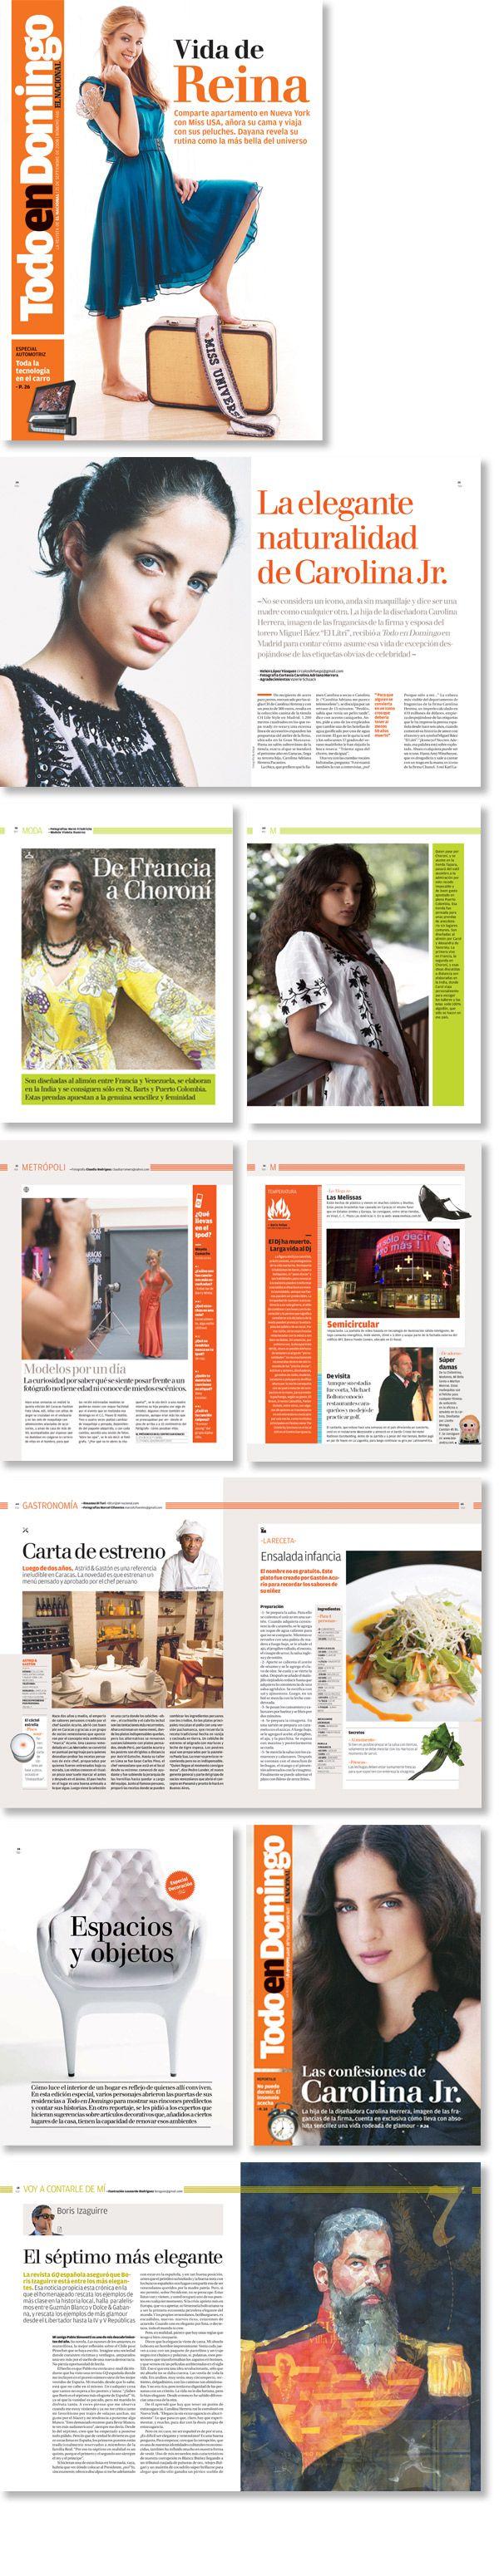 Rediseño de la revista dominical del periódico El Nacional, Venezuela.  Trabajo realizado para Estudi Cases.